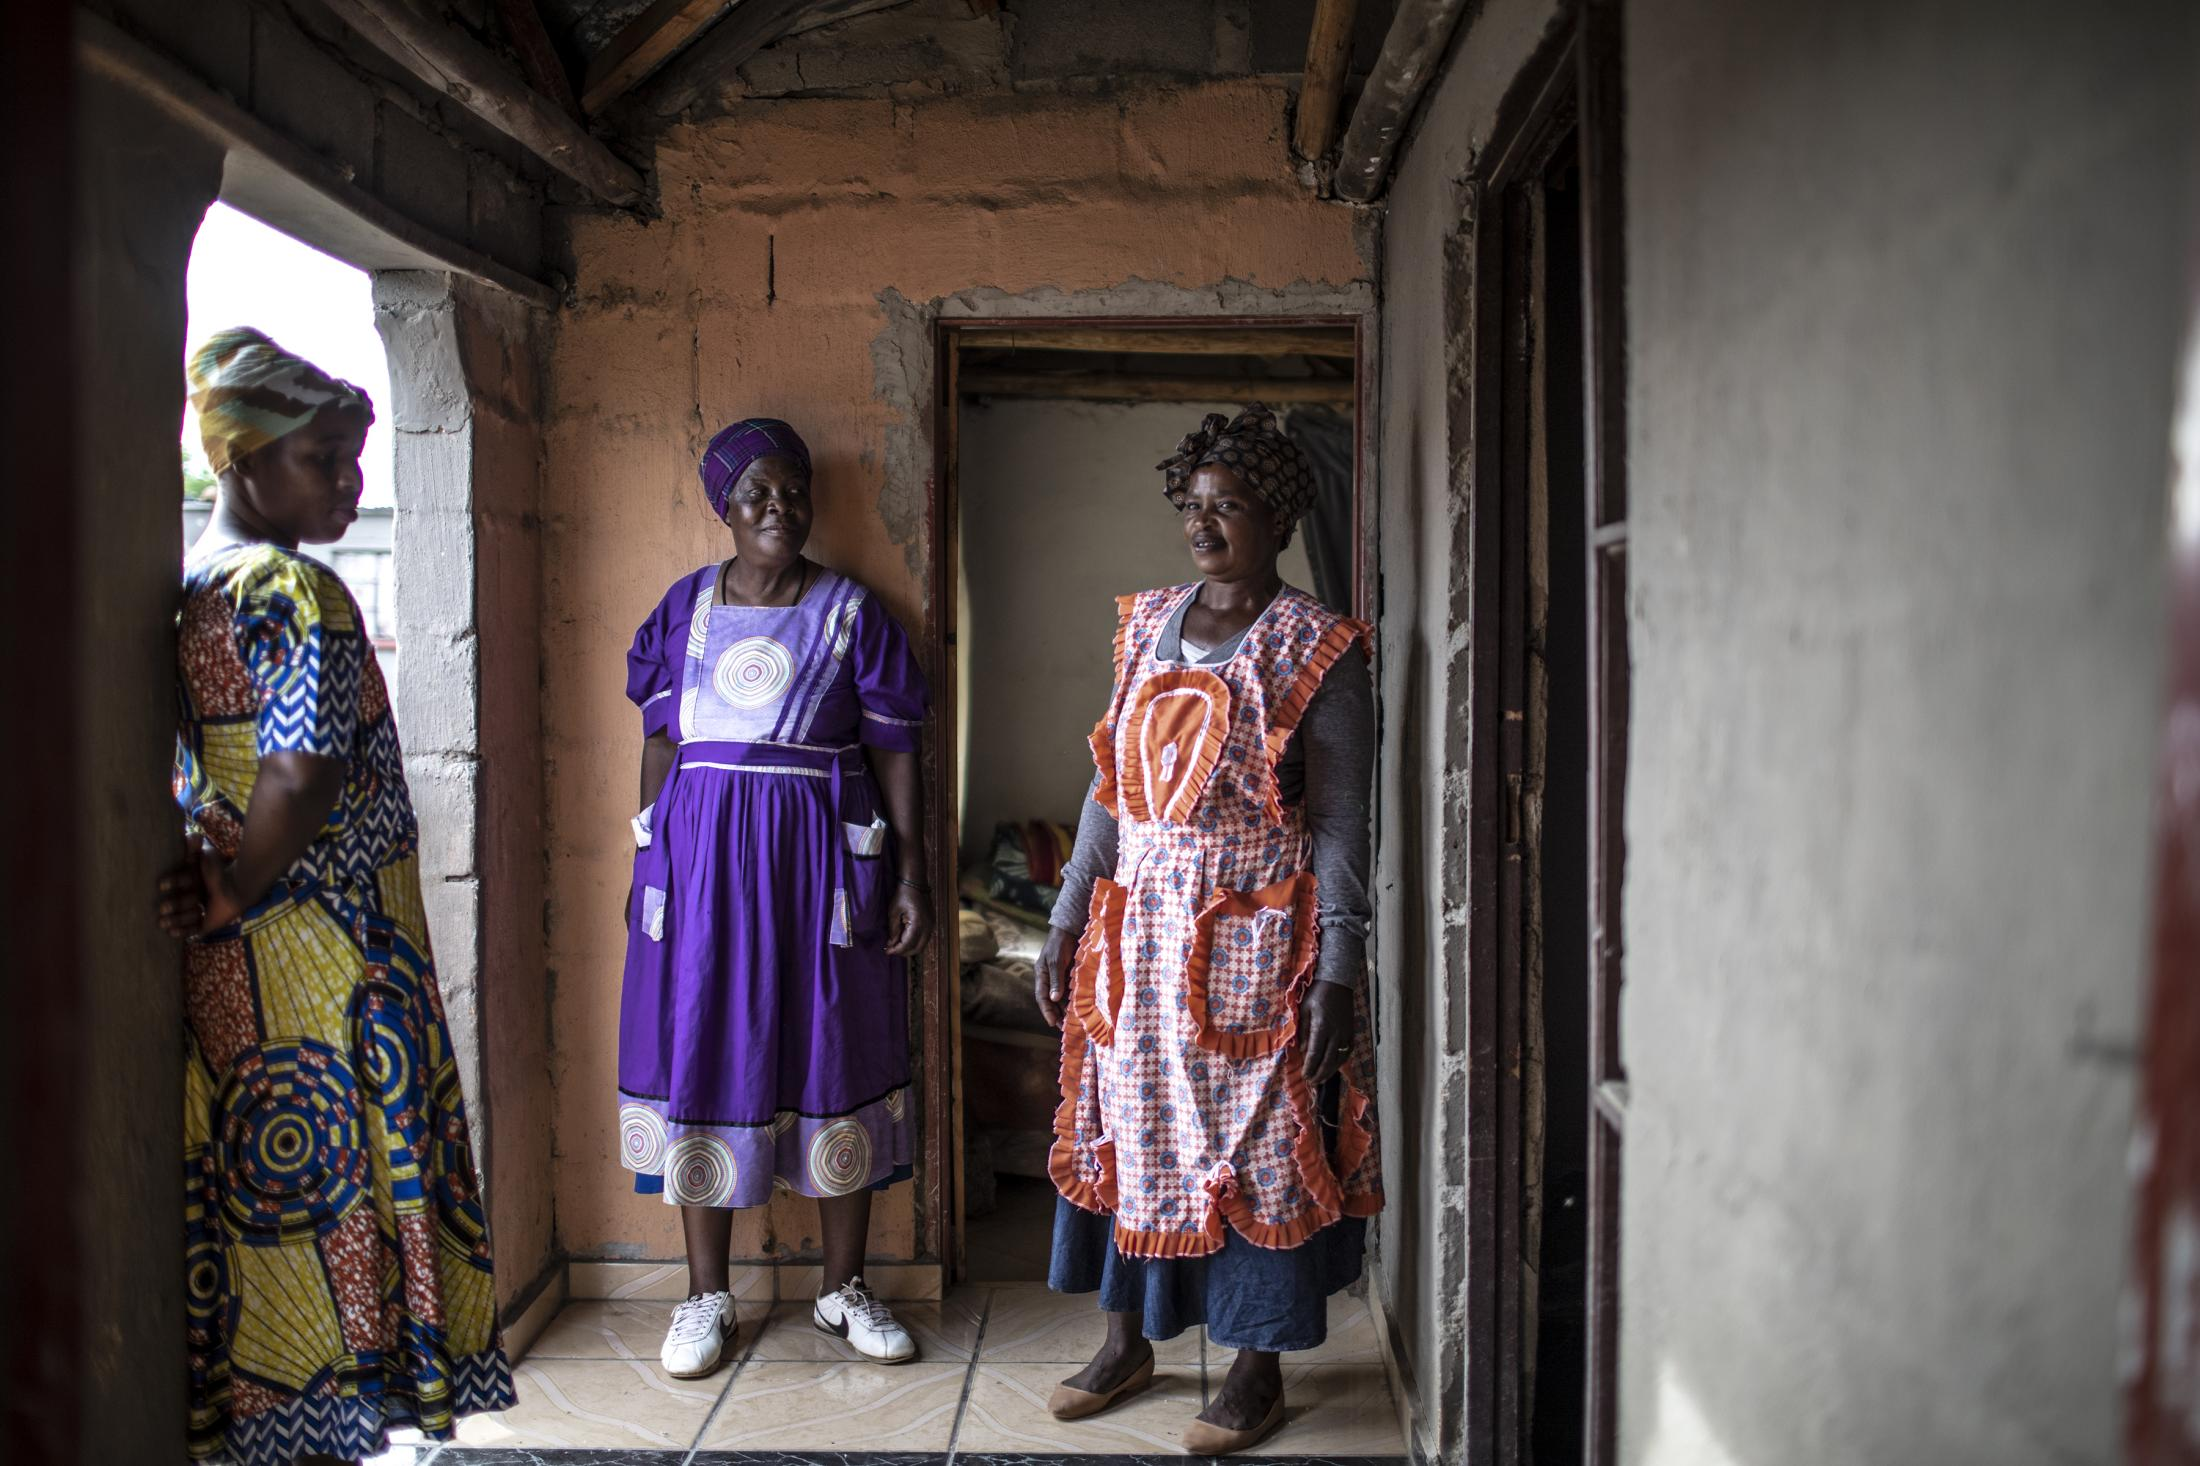 17 February 2020: (L to R) The women of the Vilakazi household, Nomfundo Vilakazi, Nobenguni Vilakazi and Denisile Vilakazi are pictured at their home in Watersmeet, Ladysmith, Kwa-Zulu Natal.